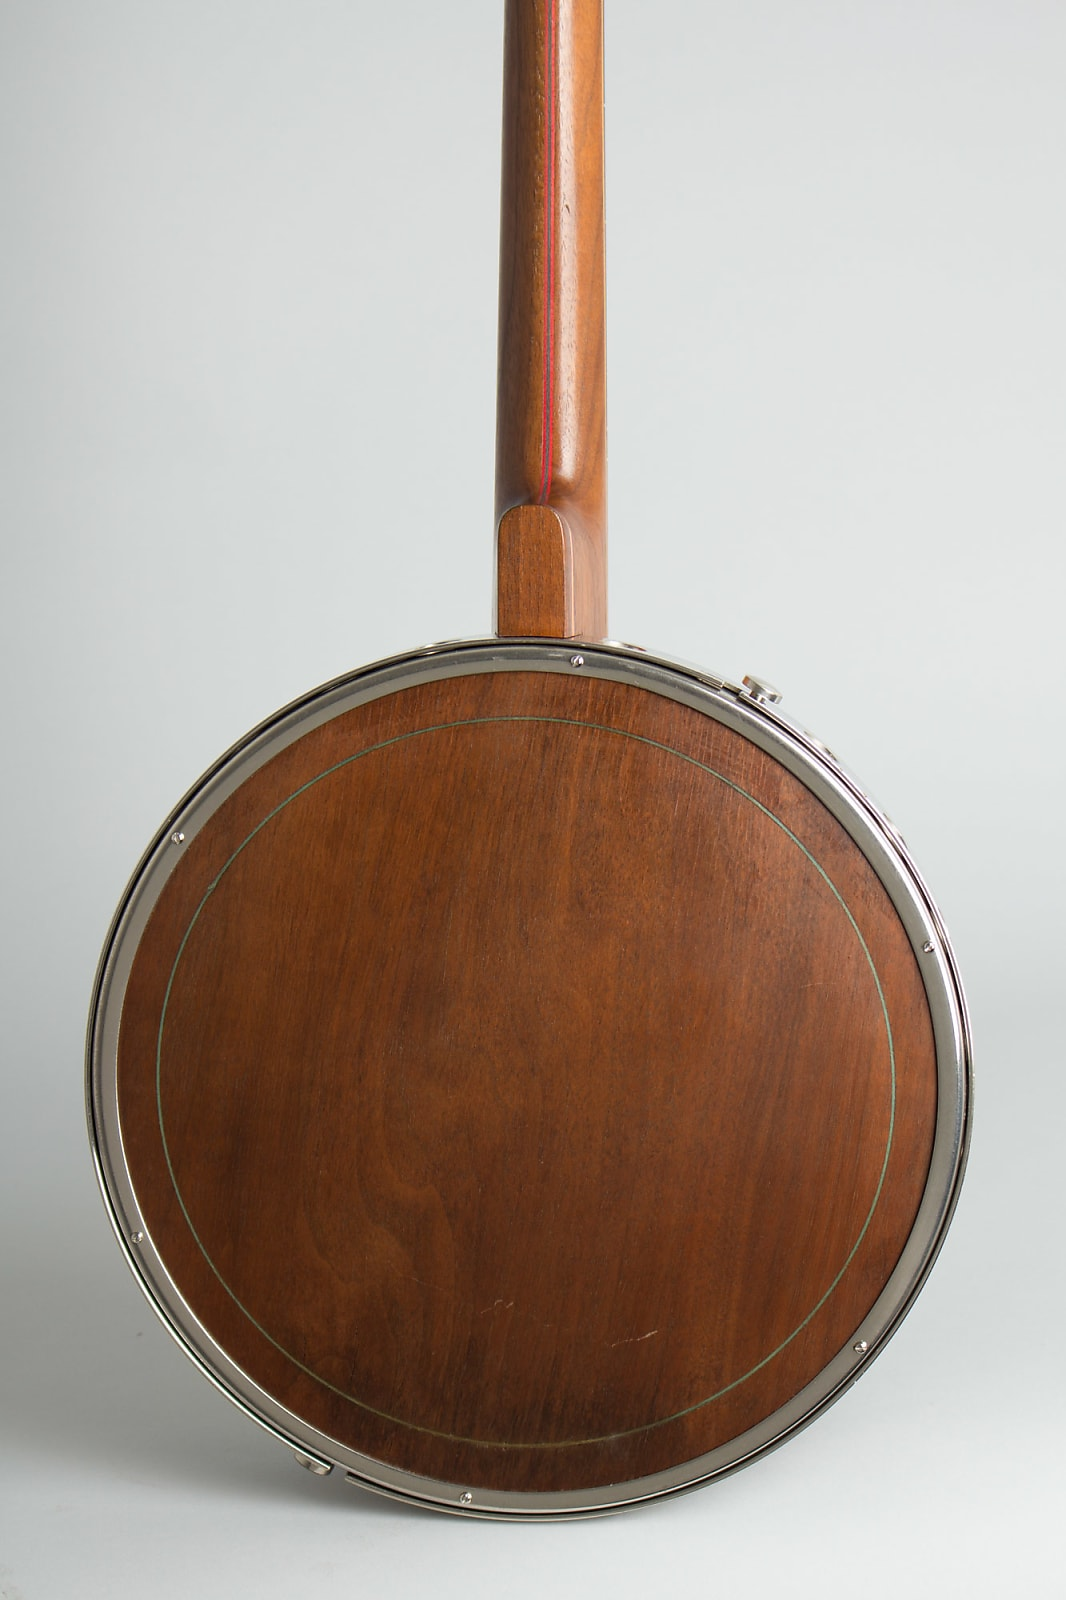 Lange  Challenger Plectrum Banjo,  c. 1930, ser. #359, original black hard shell case.